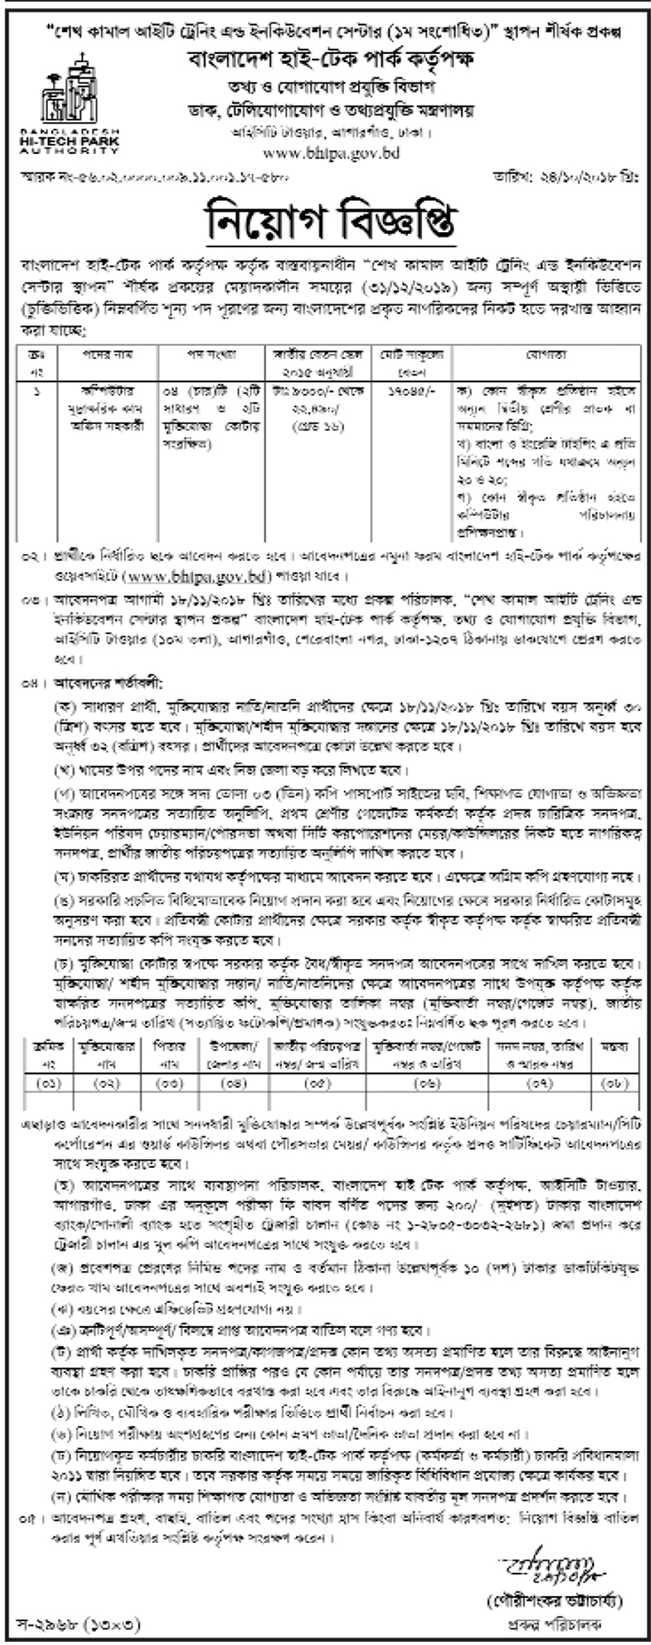 Bangladesh Hi Teach Park Authority BHTPA Job Circular 2018